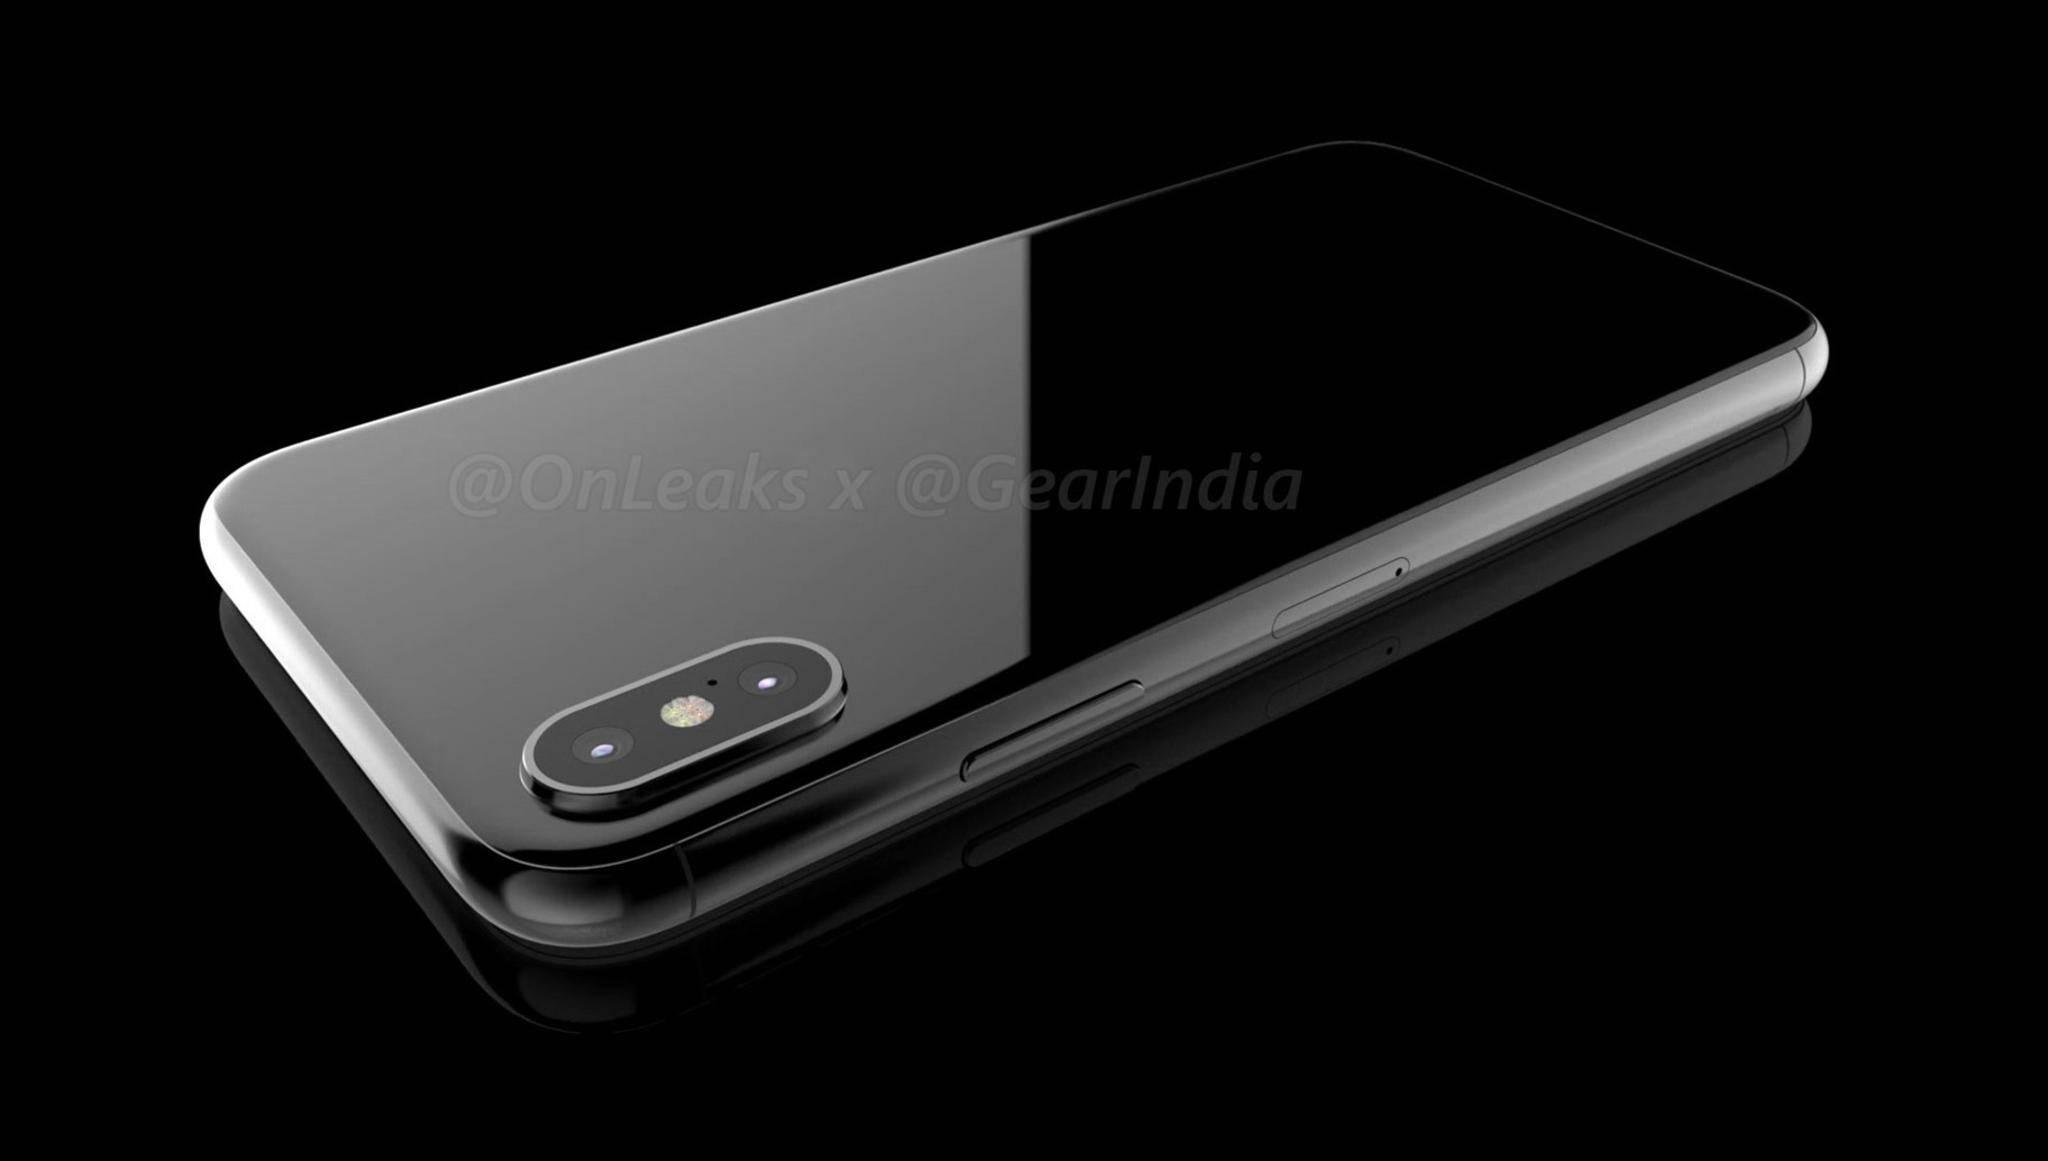 Die Rückkamera des iPhone 8 soll einen verbesserten Autofokus mitbringen.